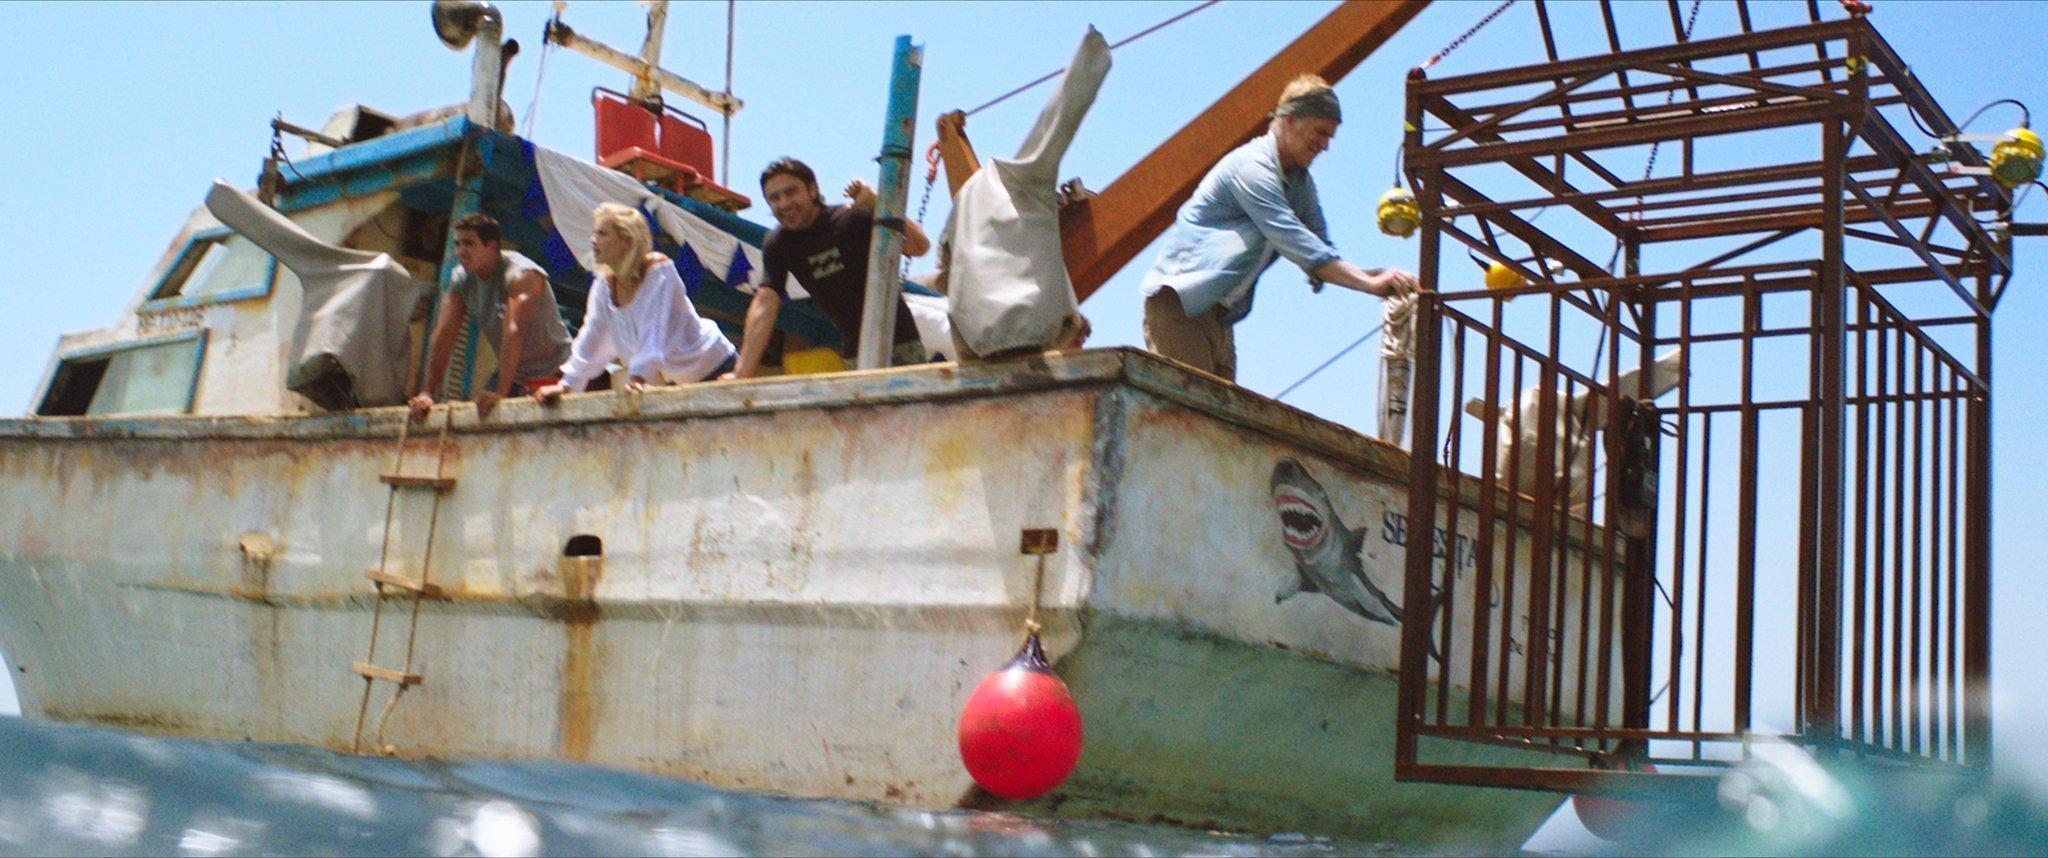 Photo du film 47 Meters Down avec la cage